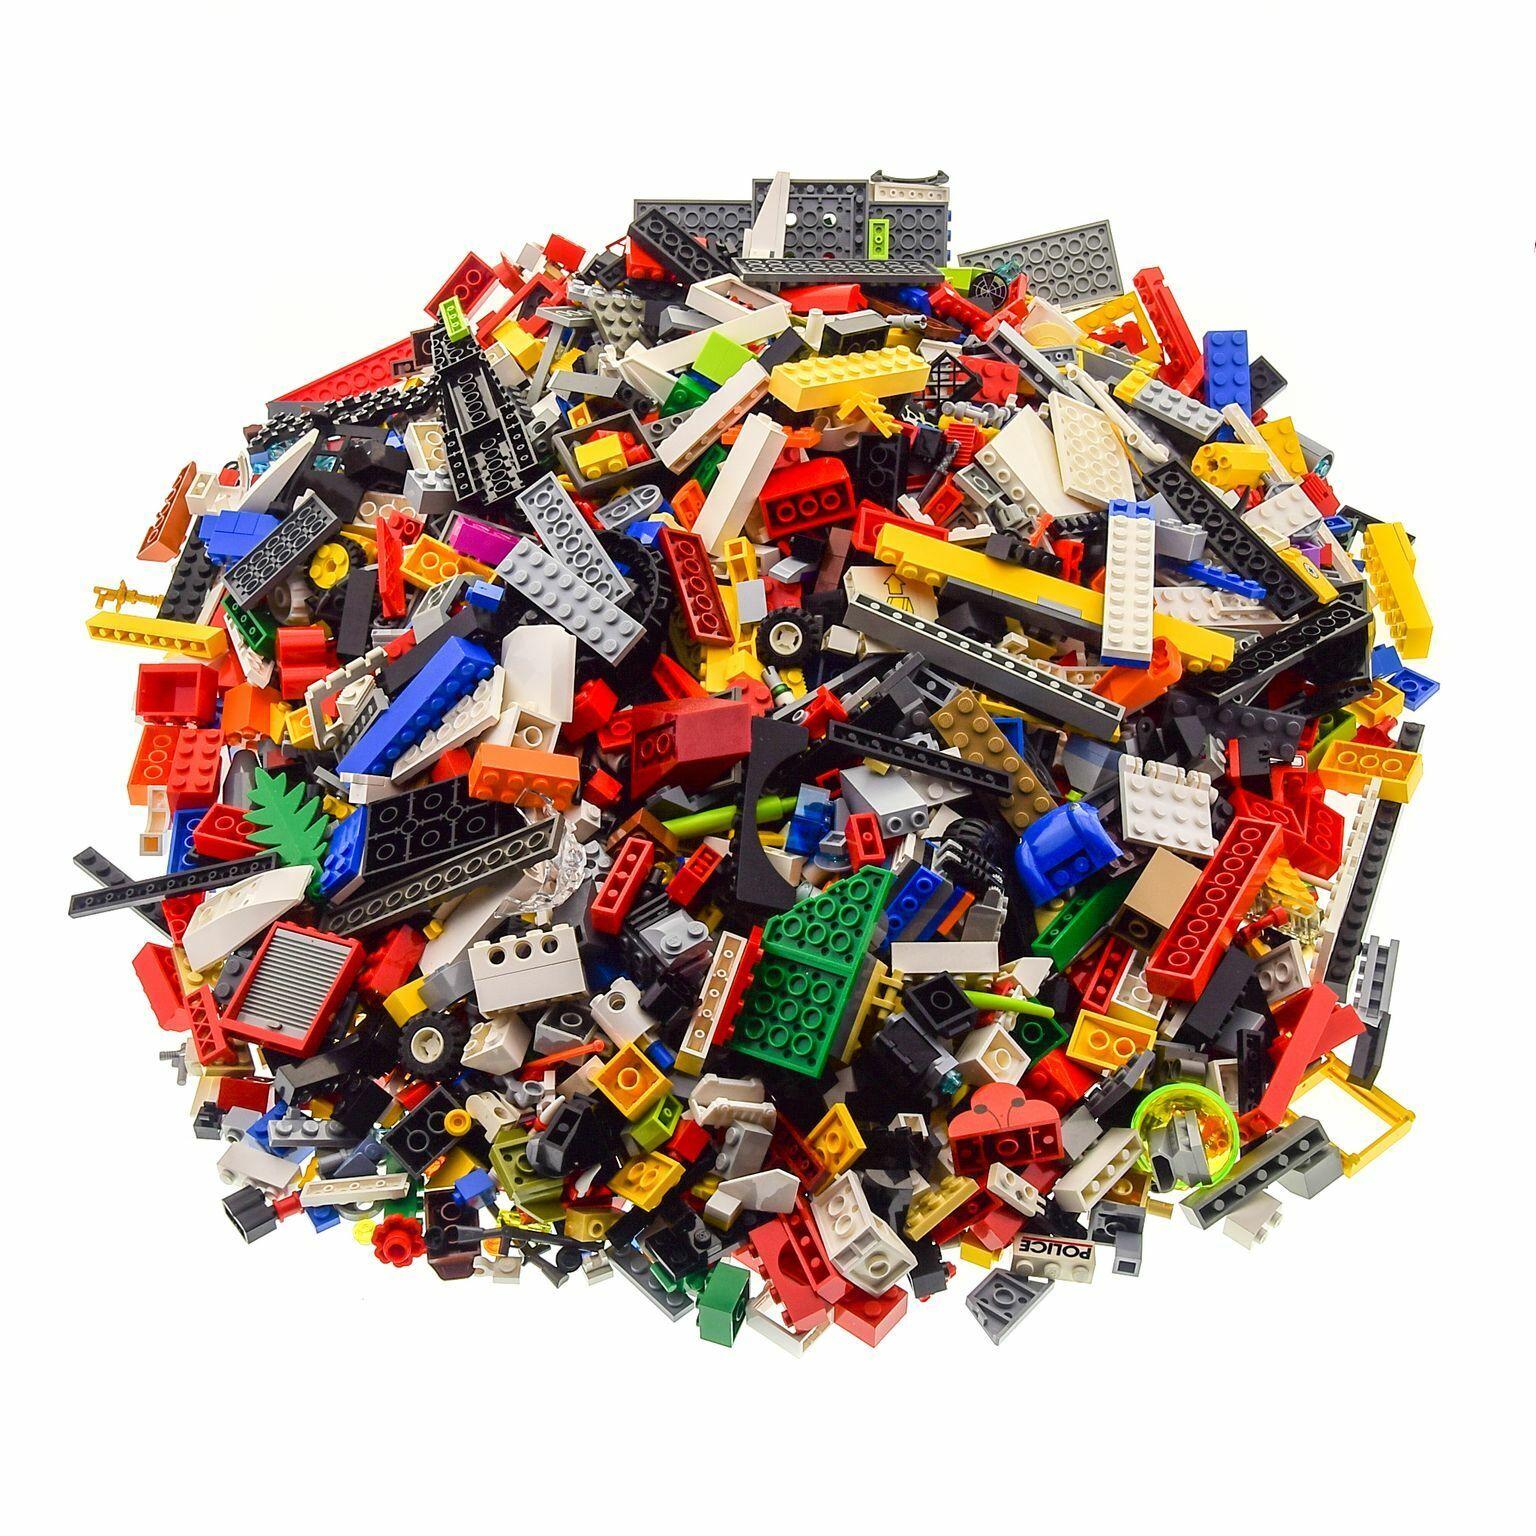 3 KG LEGO Système construction construction construction PIERRES kiloware un Tutti Frutti par exemple voiture pièces plaque Roues 1c8f93